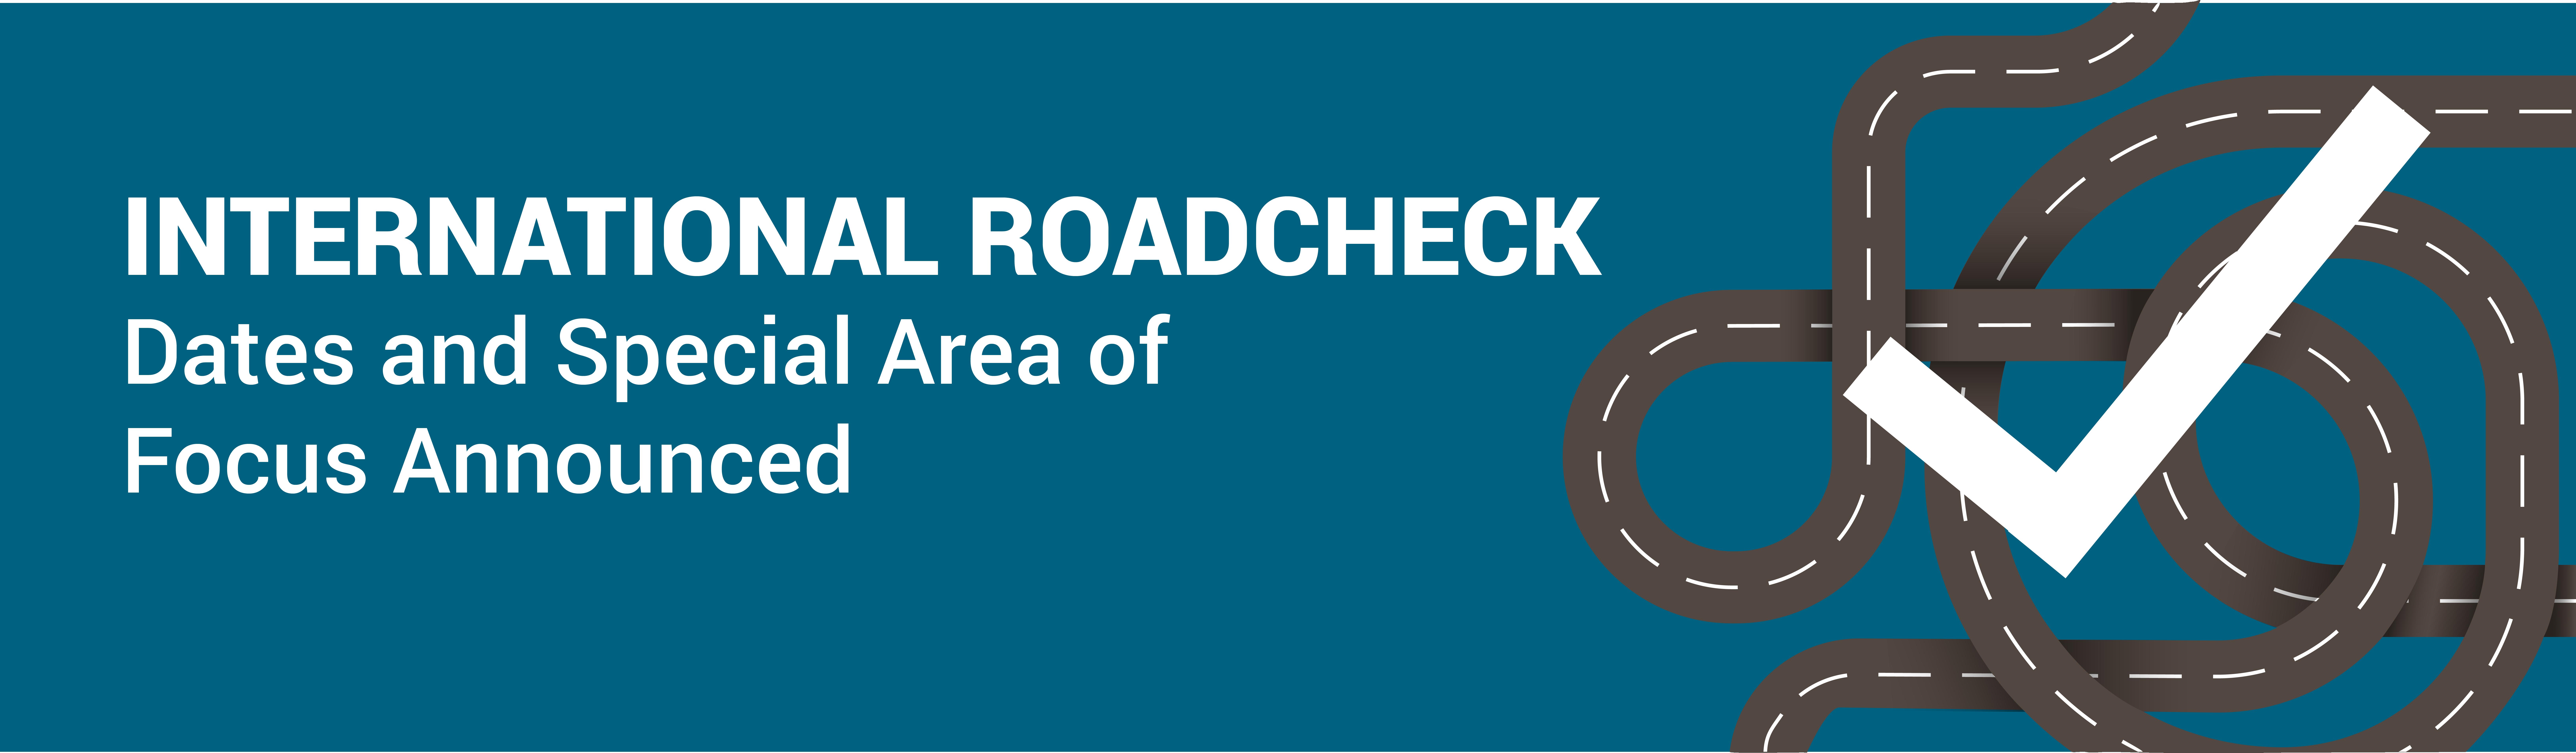 RoadcheckBanner1